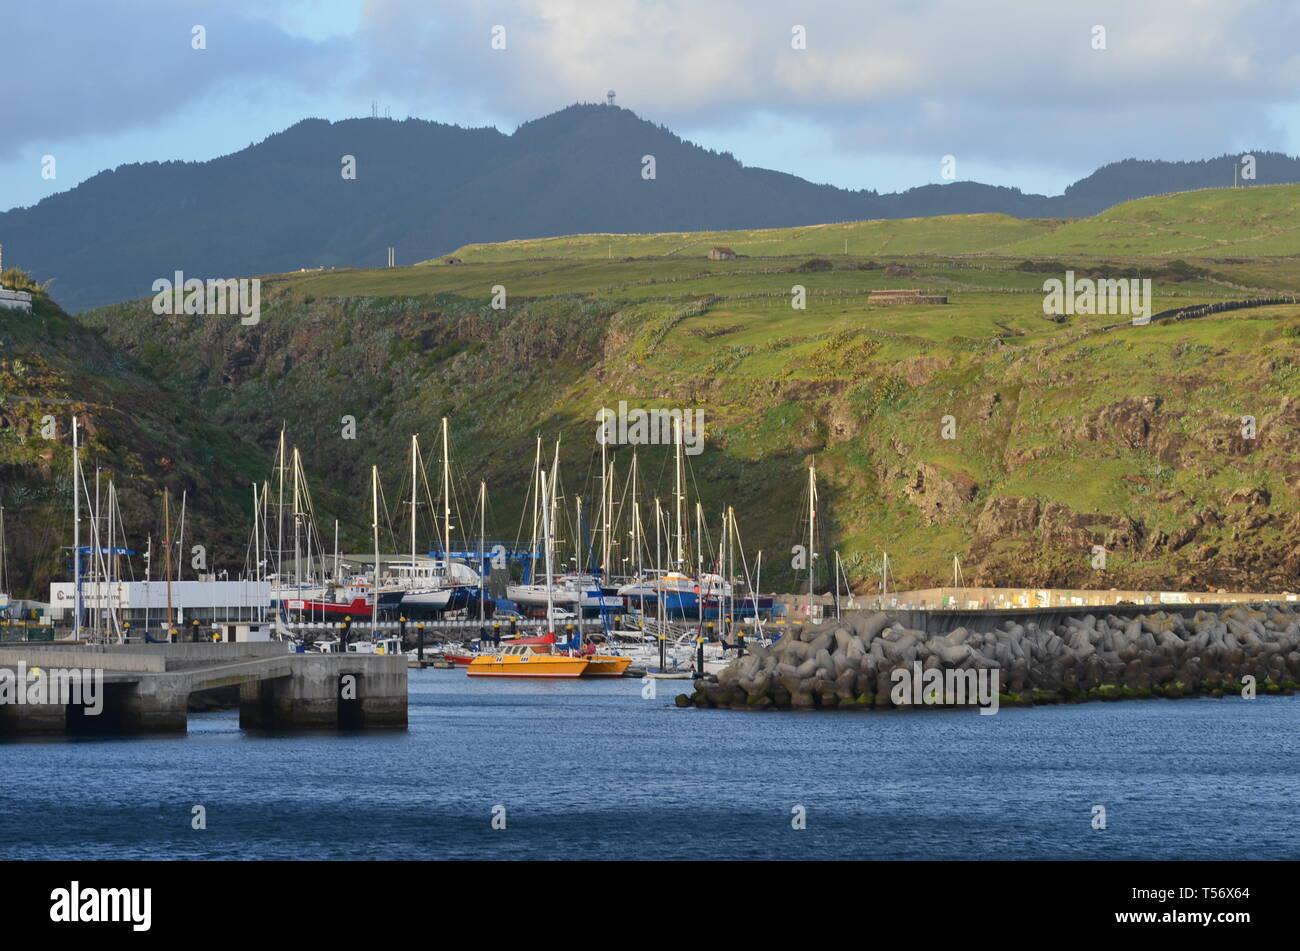 Yachts moored at the marina of Vila do Porto, administrative centre of Santa Maria island, Azores Stock Photo